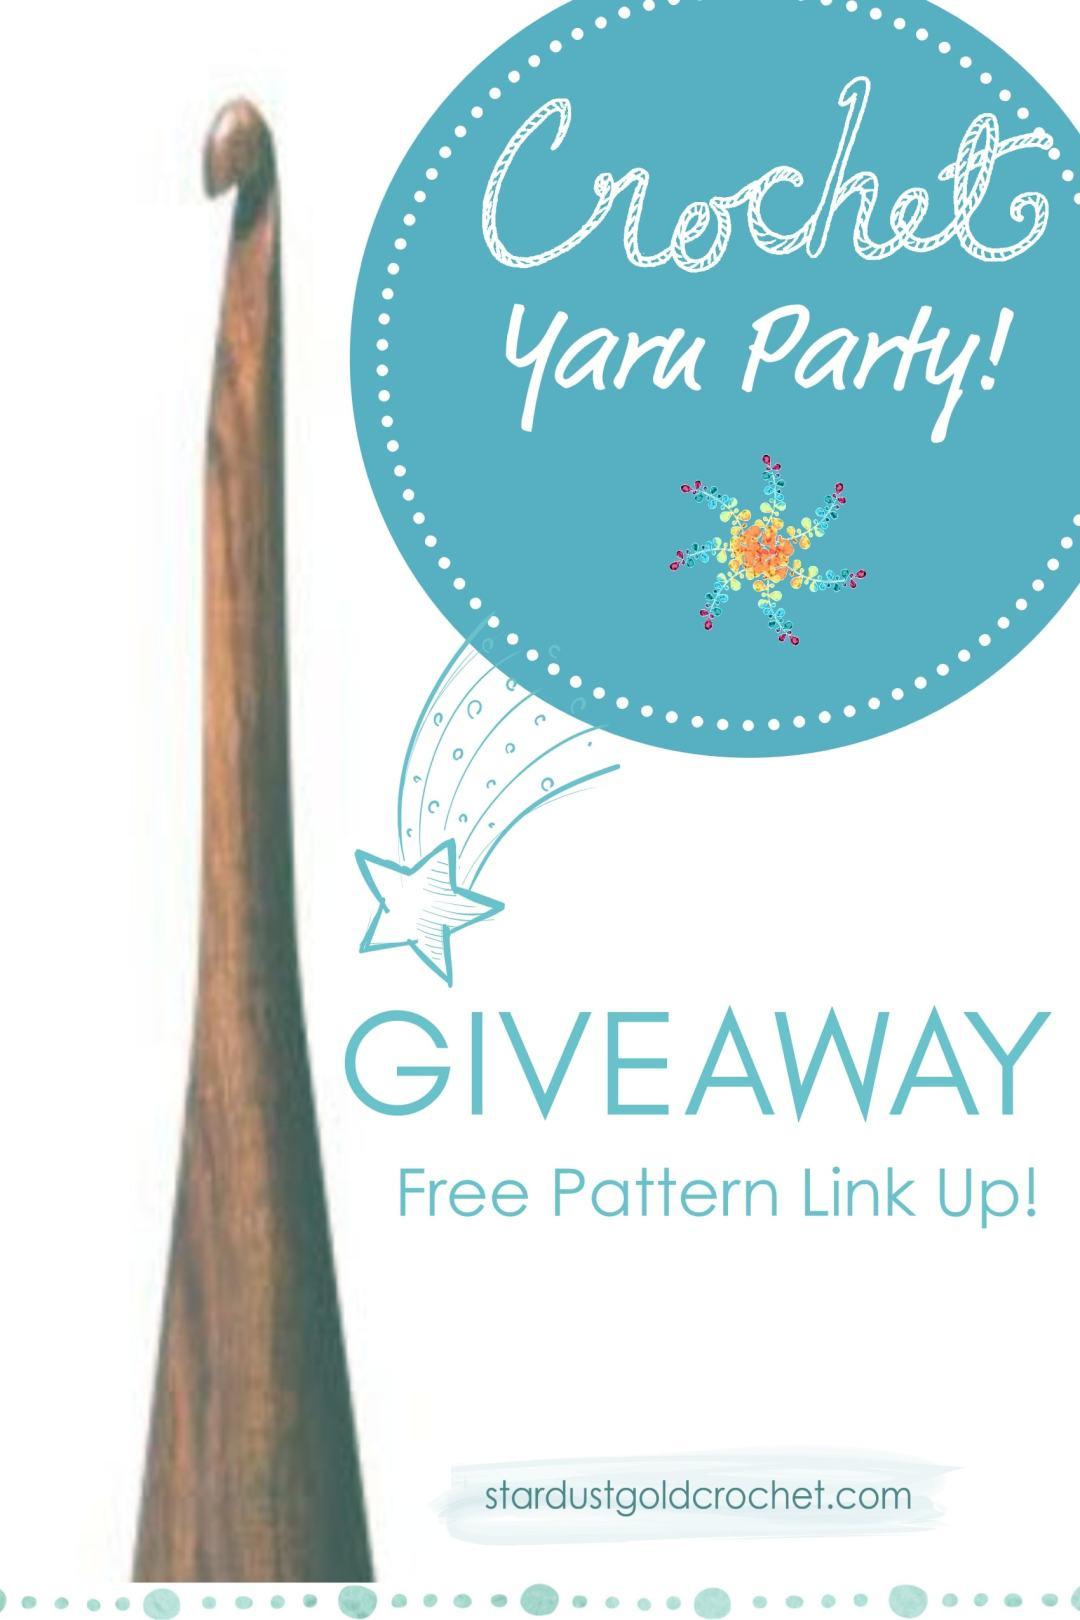 Yarn Party Giveaway Inlinkz